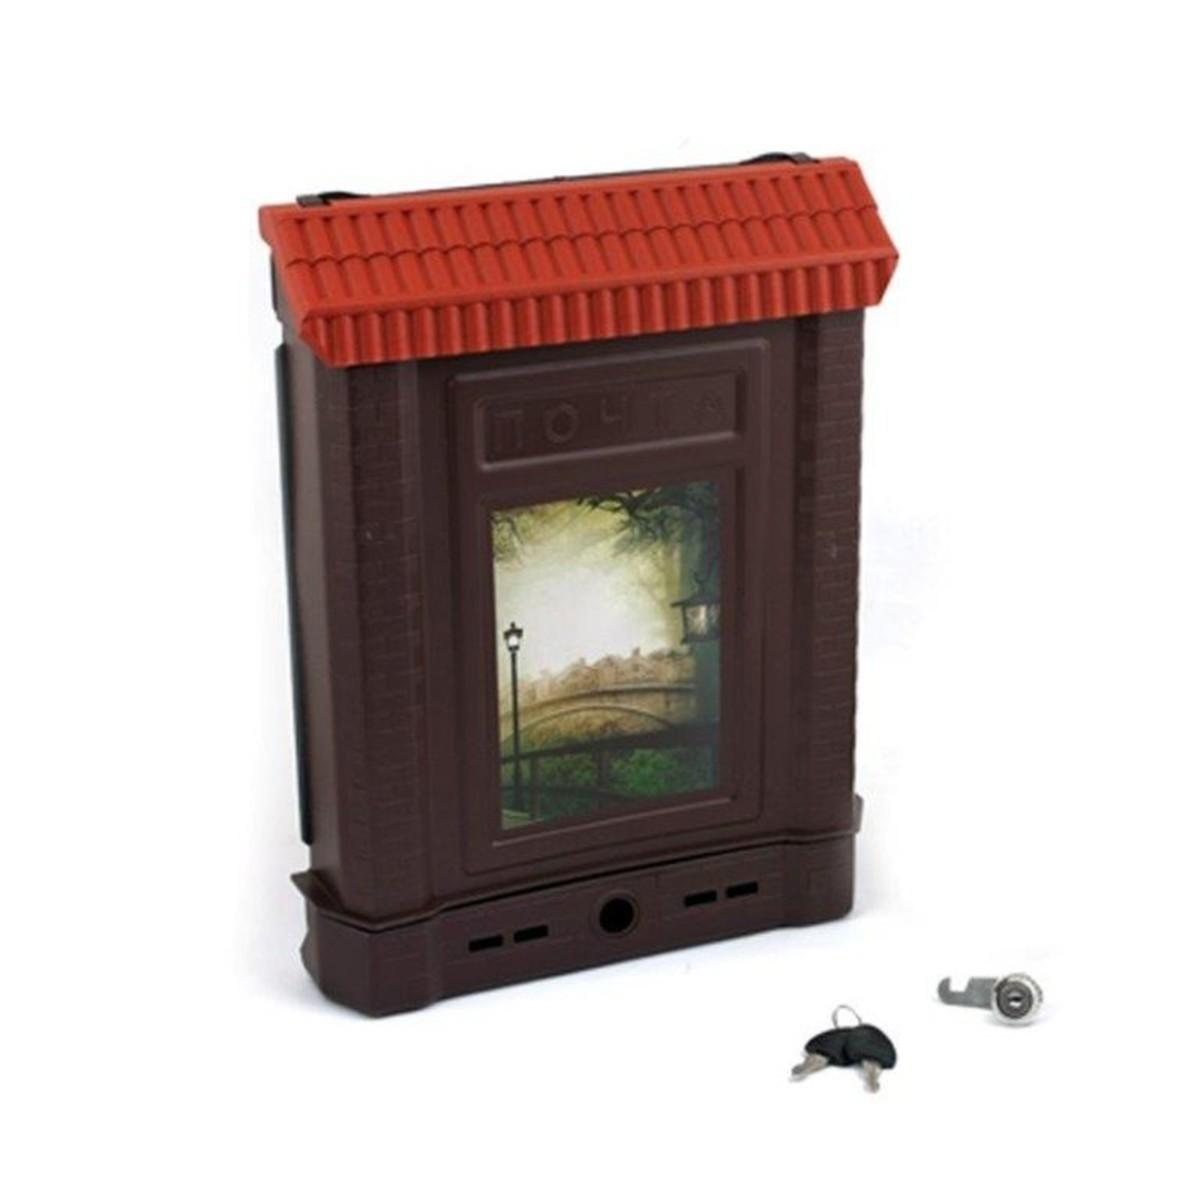 Ящик почтовый ПРЕМИУМ внешний с замком (коричневый фонарь)